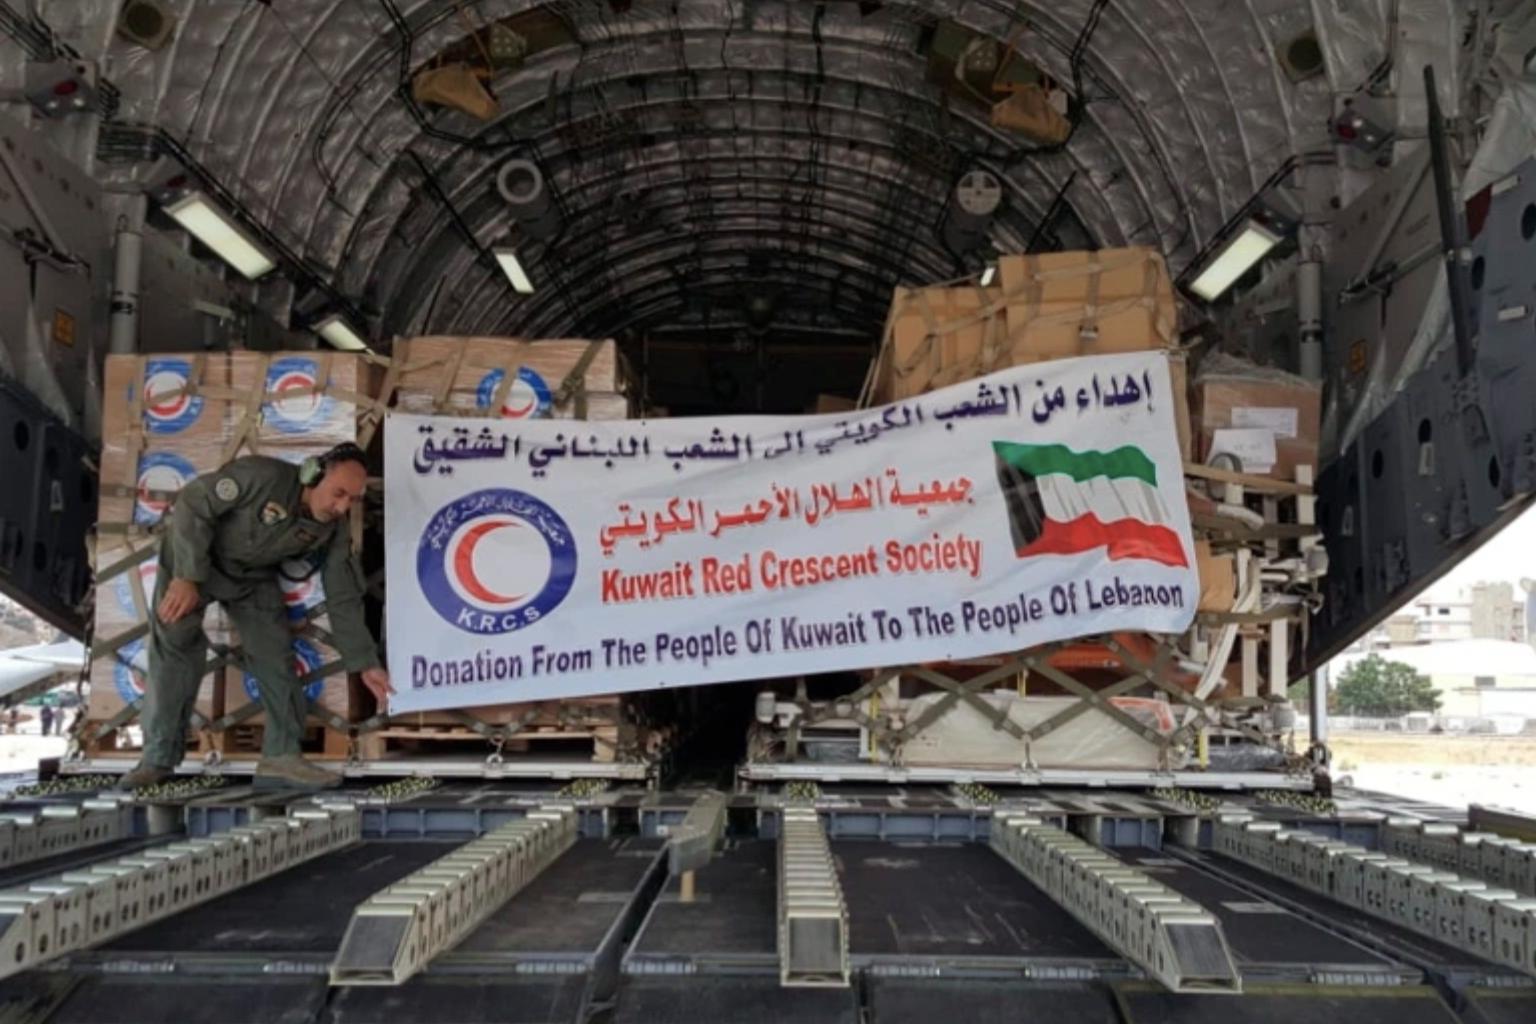 الهلال الأحمر الكويتى يعلن إقلاع طائرة الإغاثة الخامسة إلى السودان